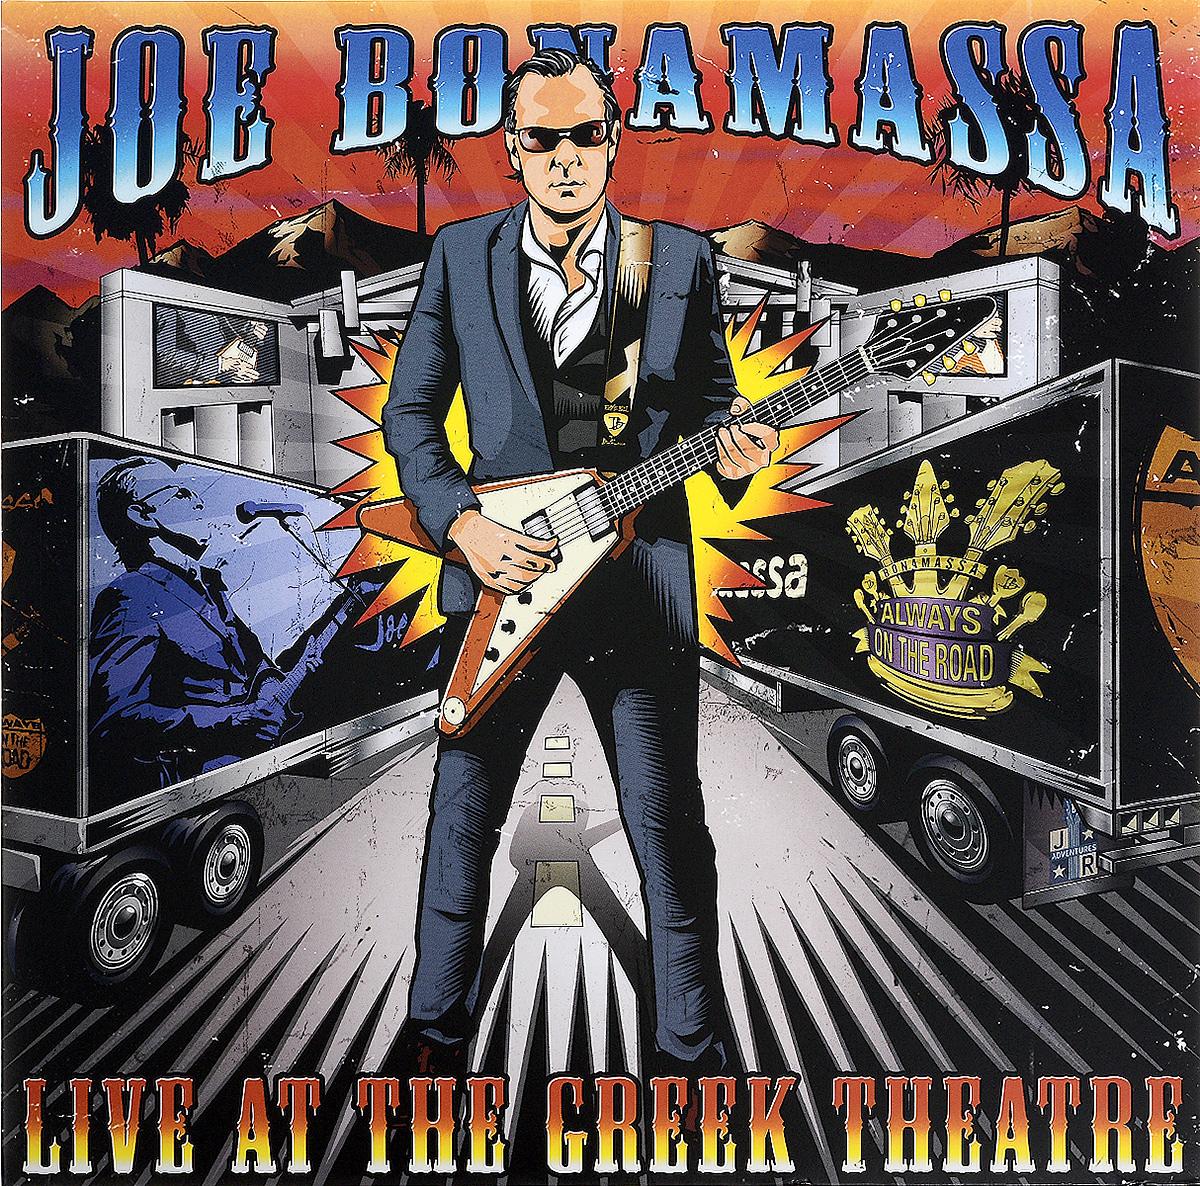 цена на Джо Бонамасса Joe Bonamassa. Live At the Greek Theatre (3 LP)